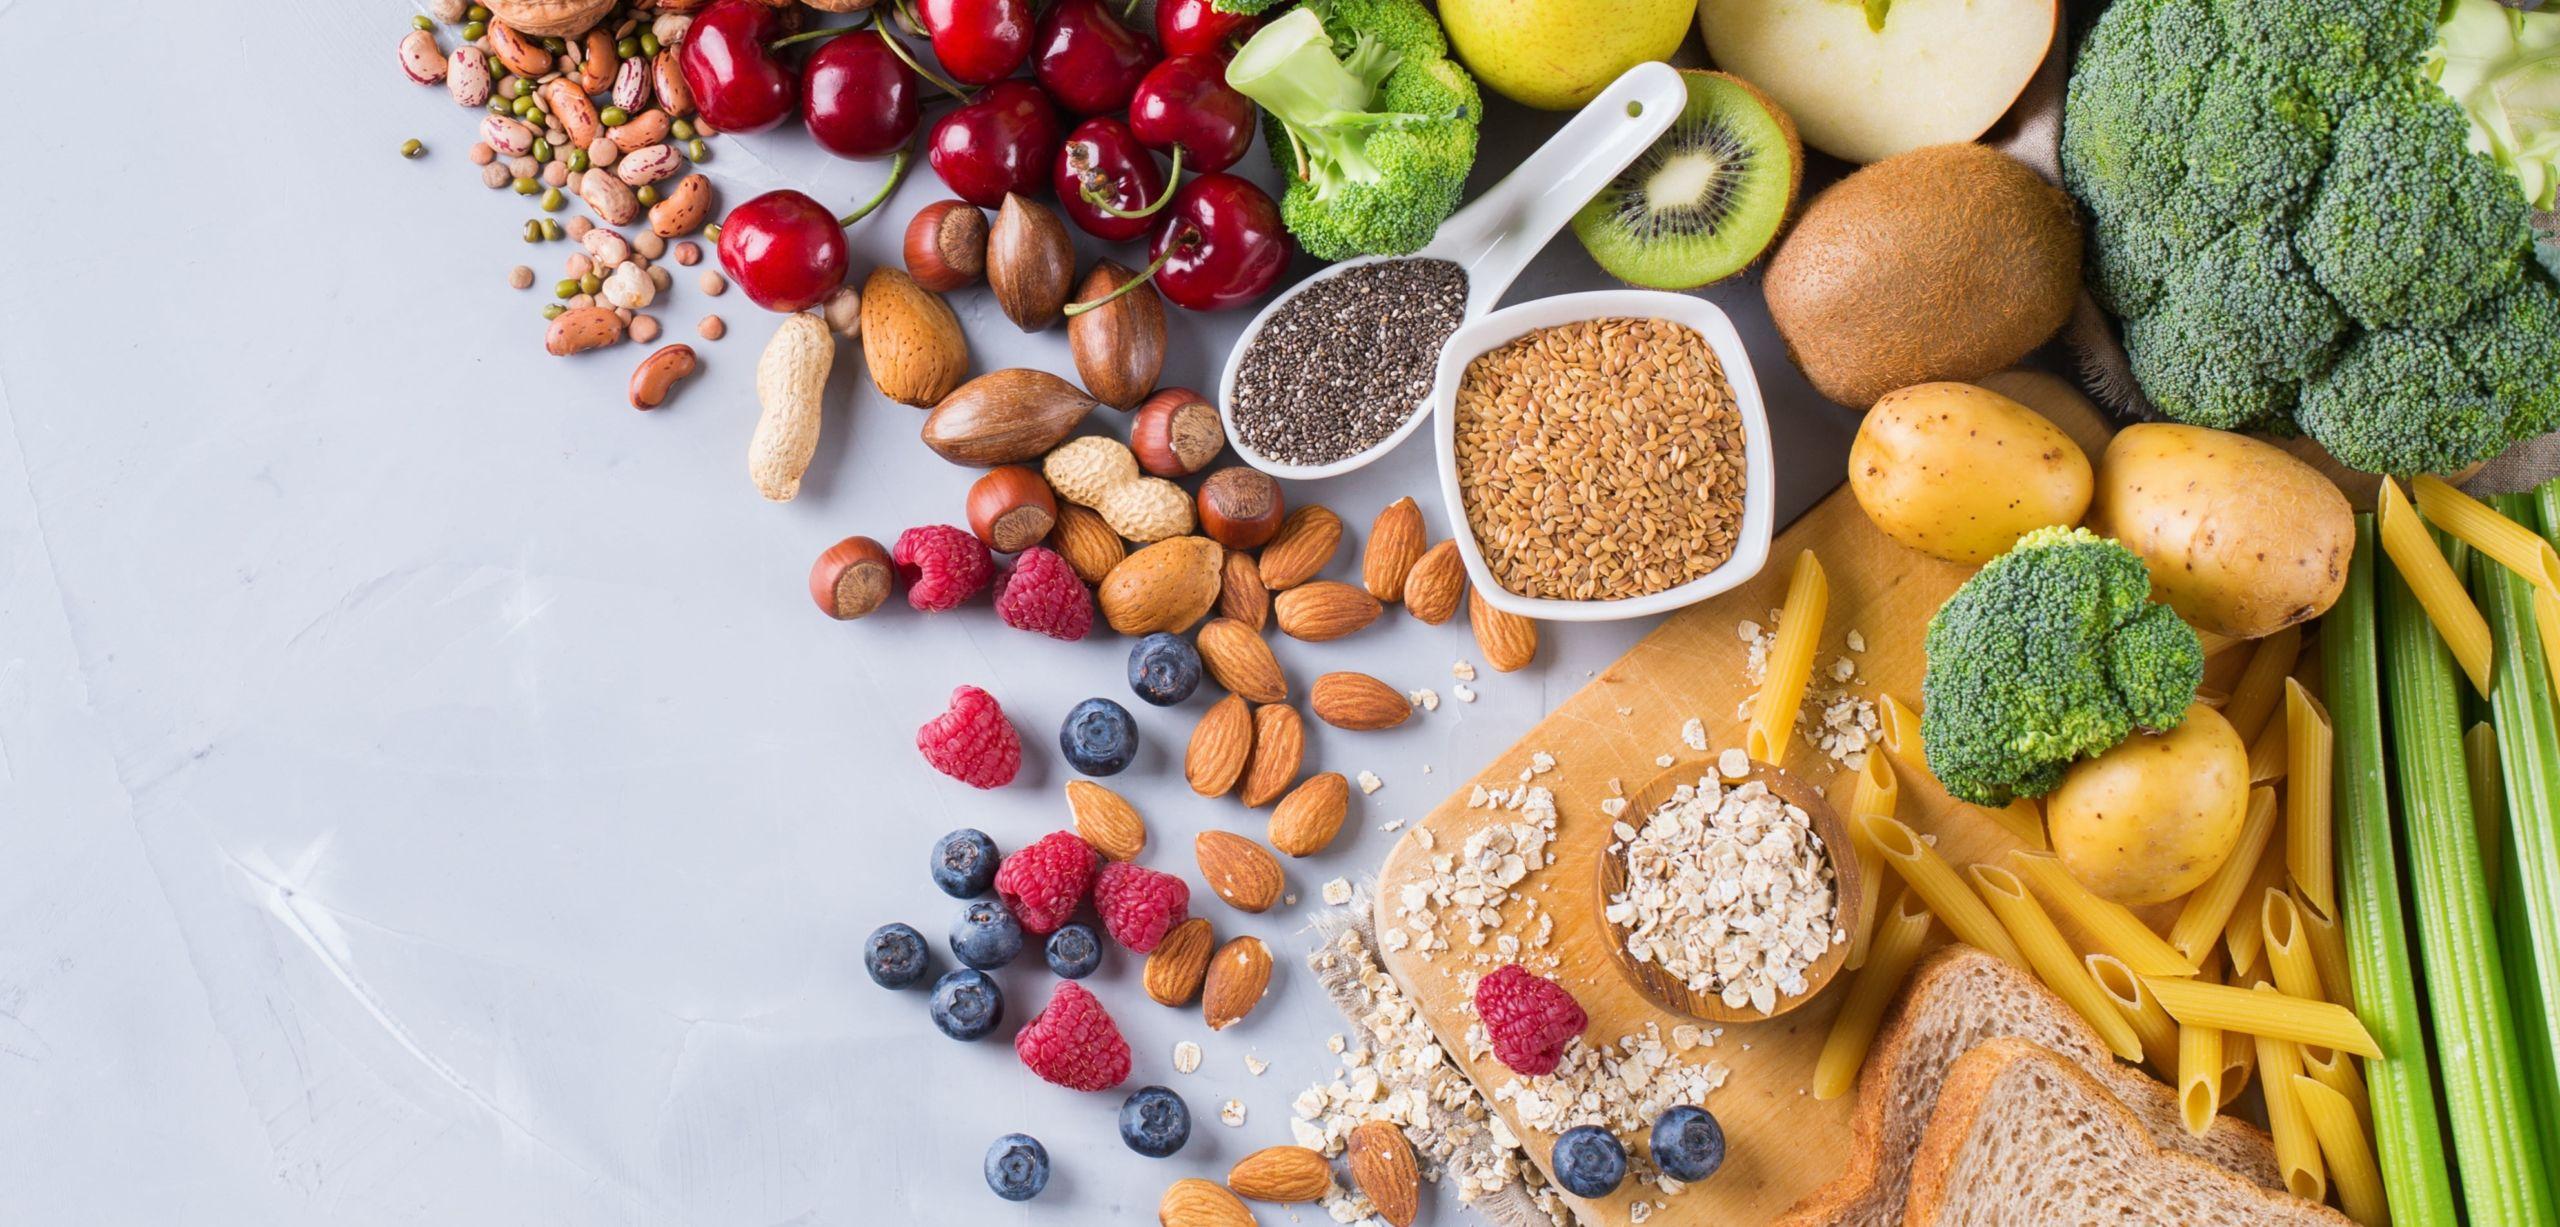 Alimenti nella dieta per incrementare il peso corporeo